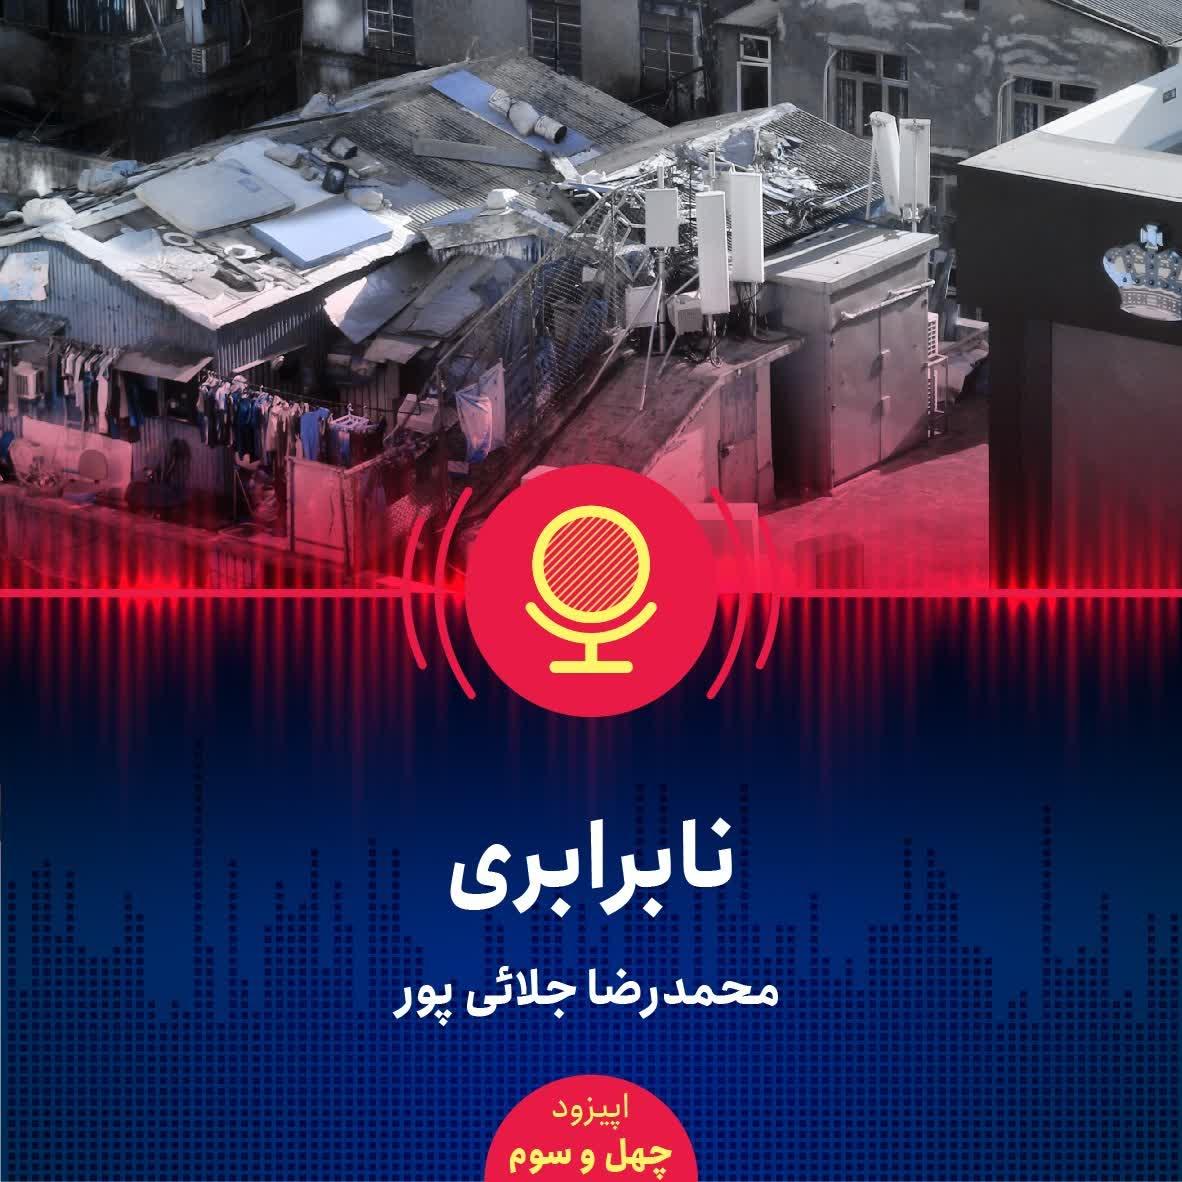 نگاهی به مسئله نابرابری و راه حل آن در ایران